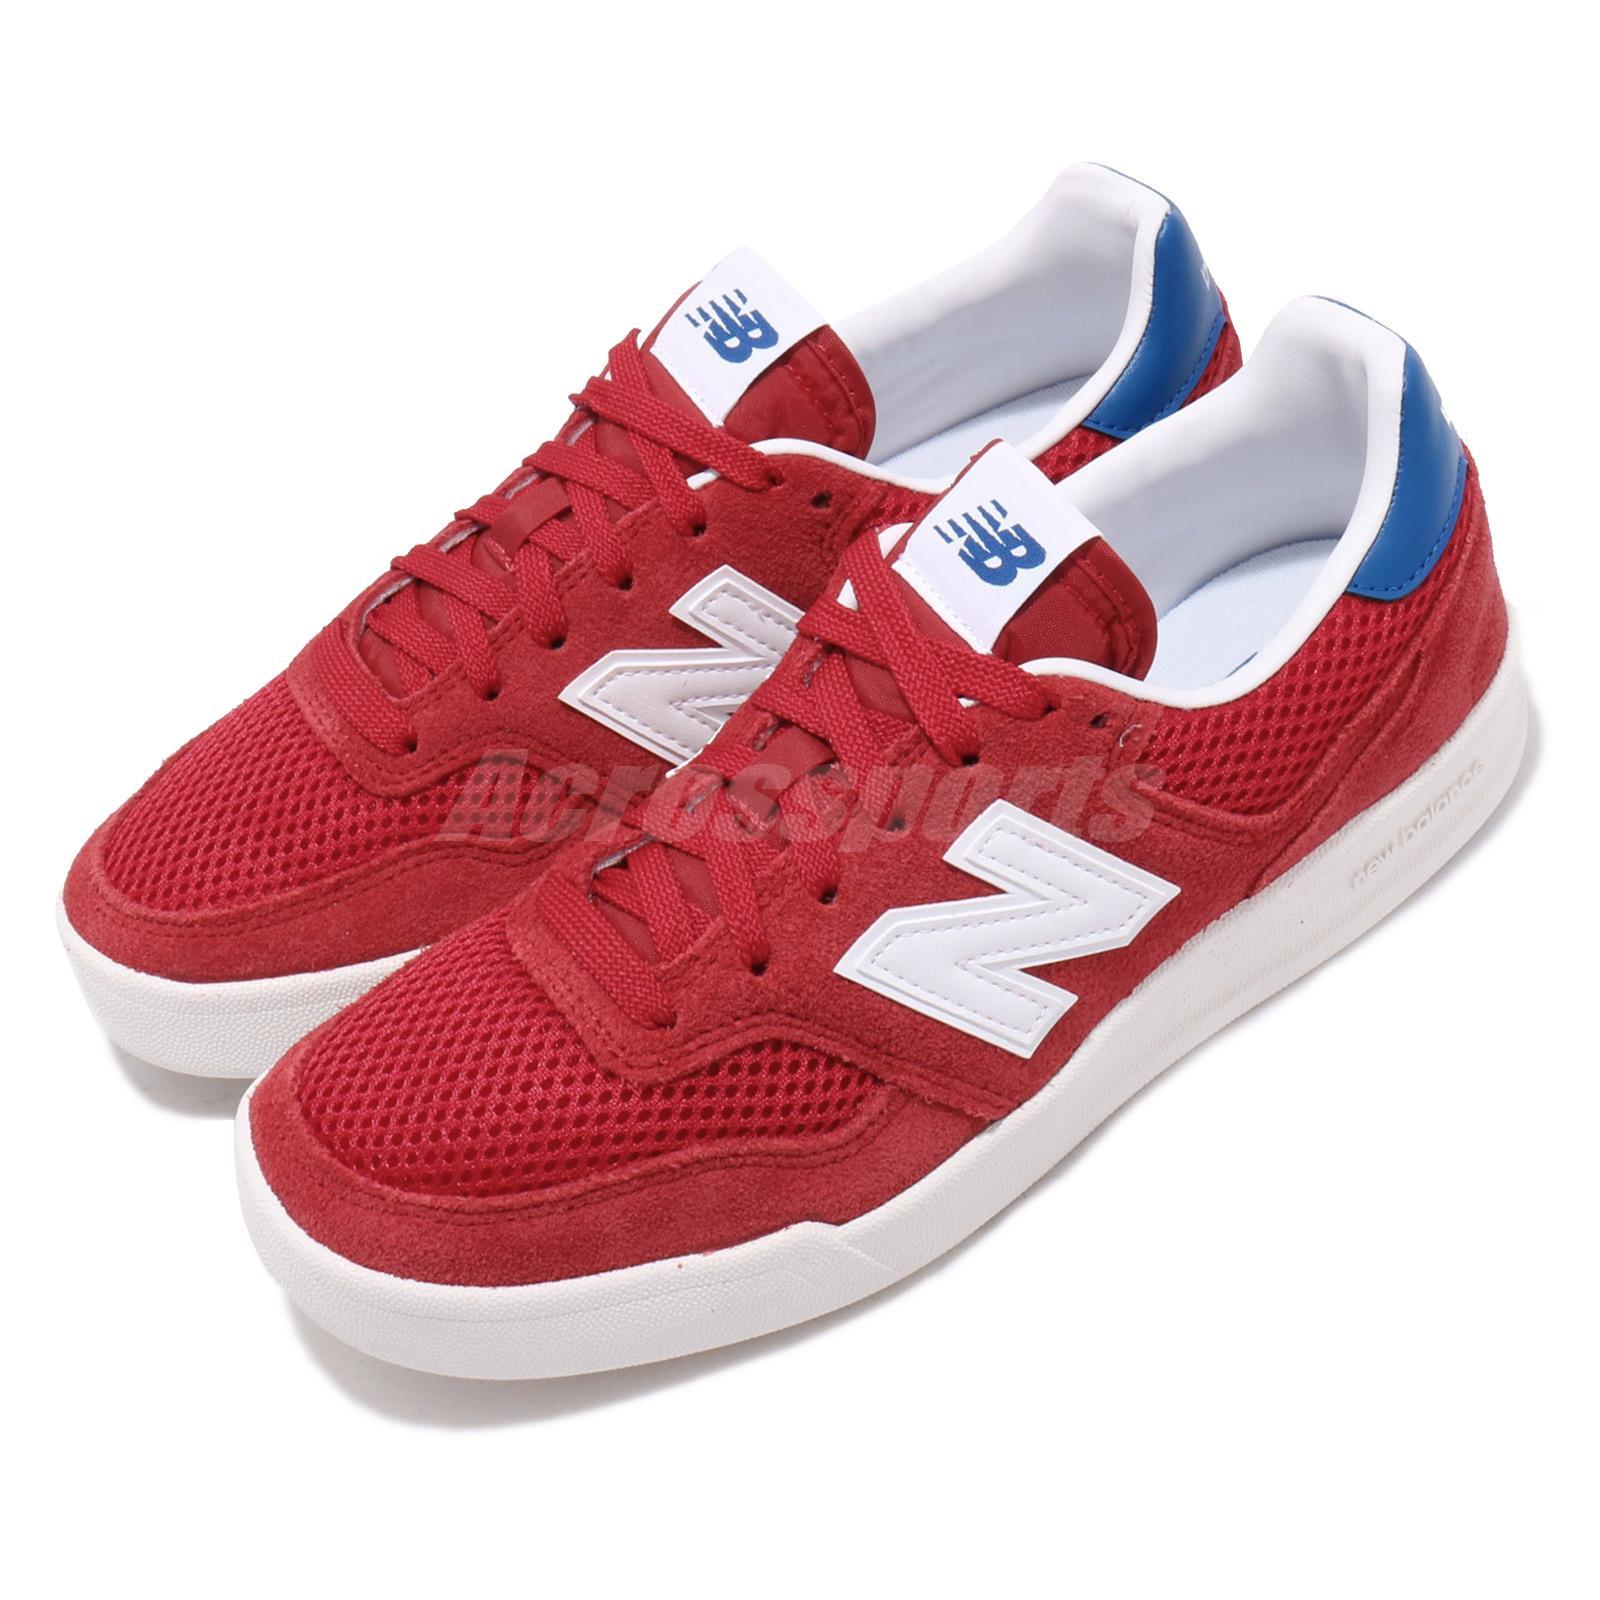 New Balance CRT300A2 D 300 Red White